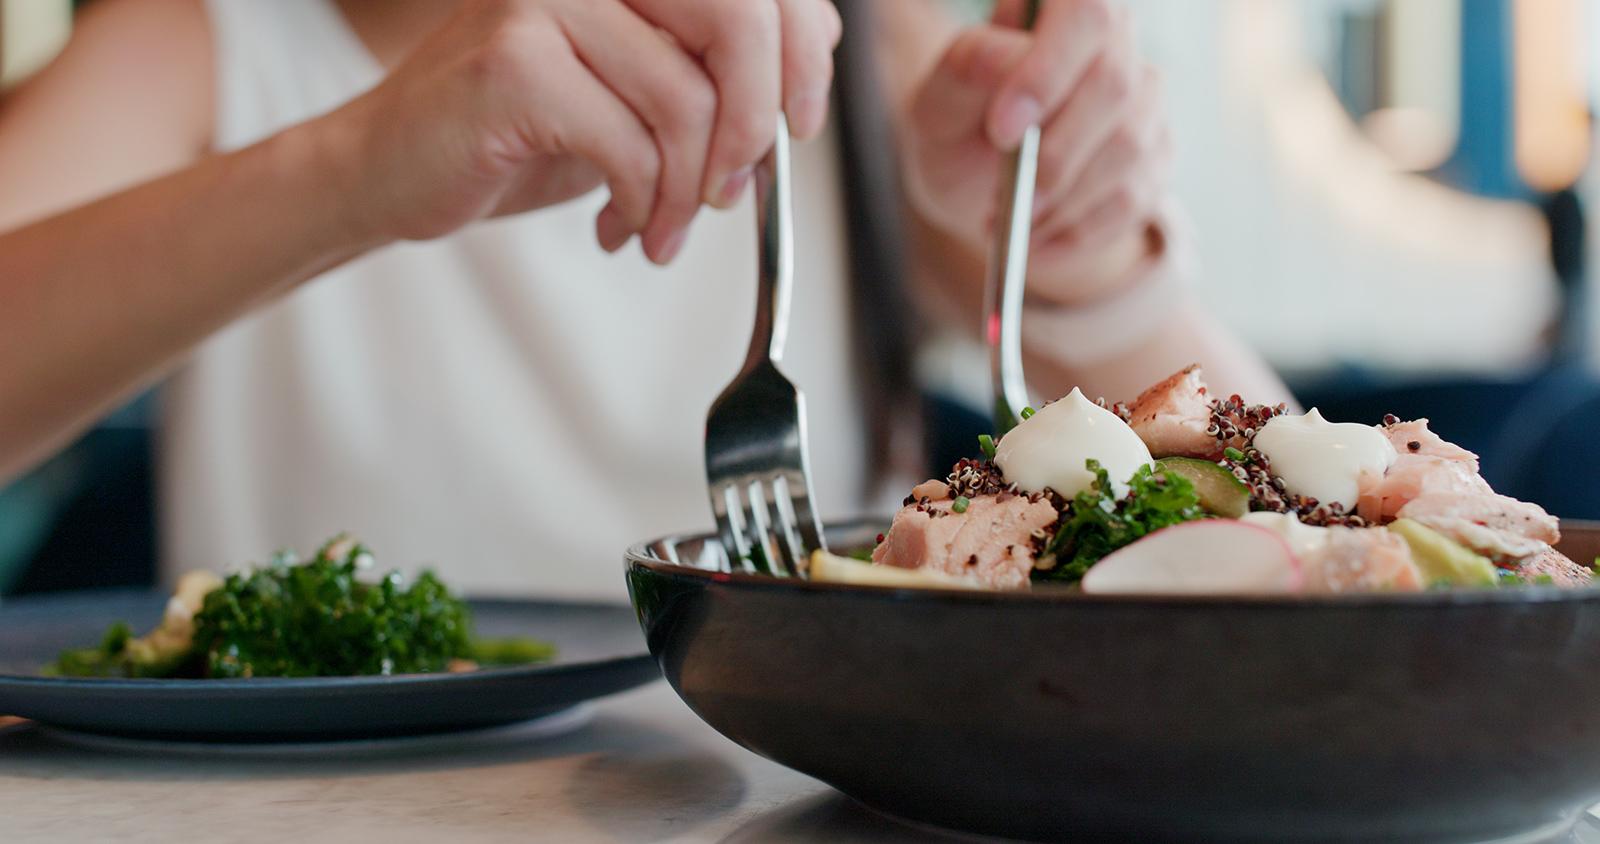 Självklart kan du äta nyttigt och fortsätta umgås med dina vänner över mat!